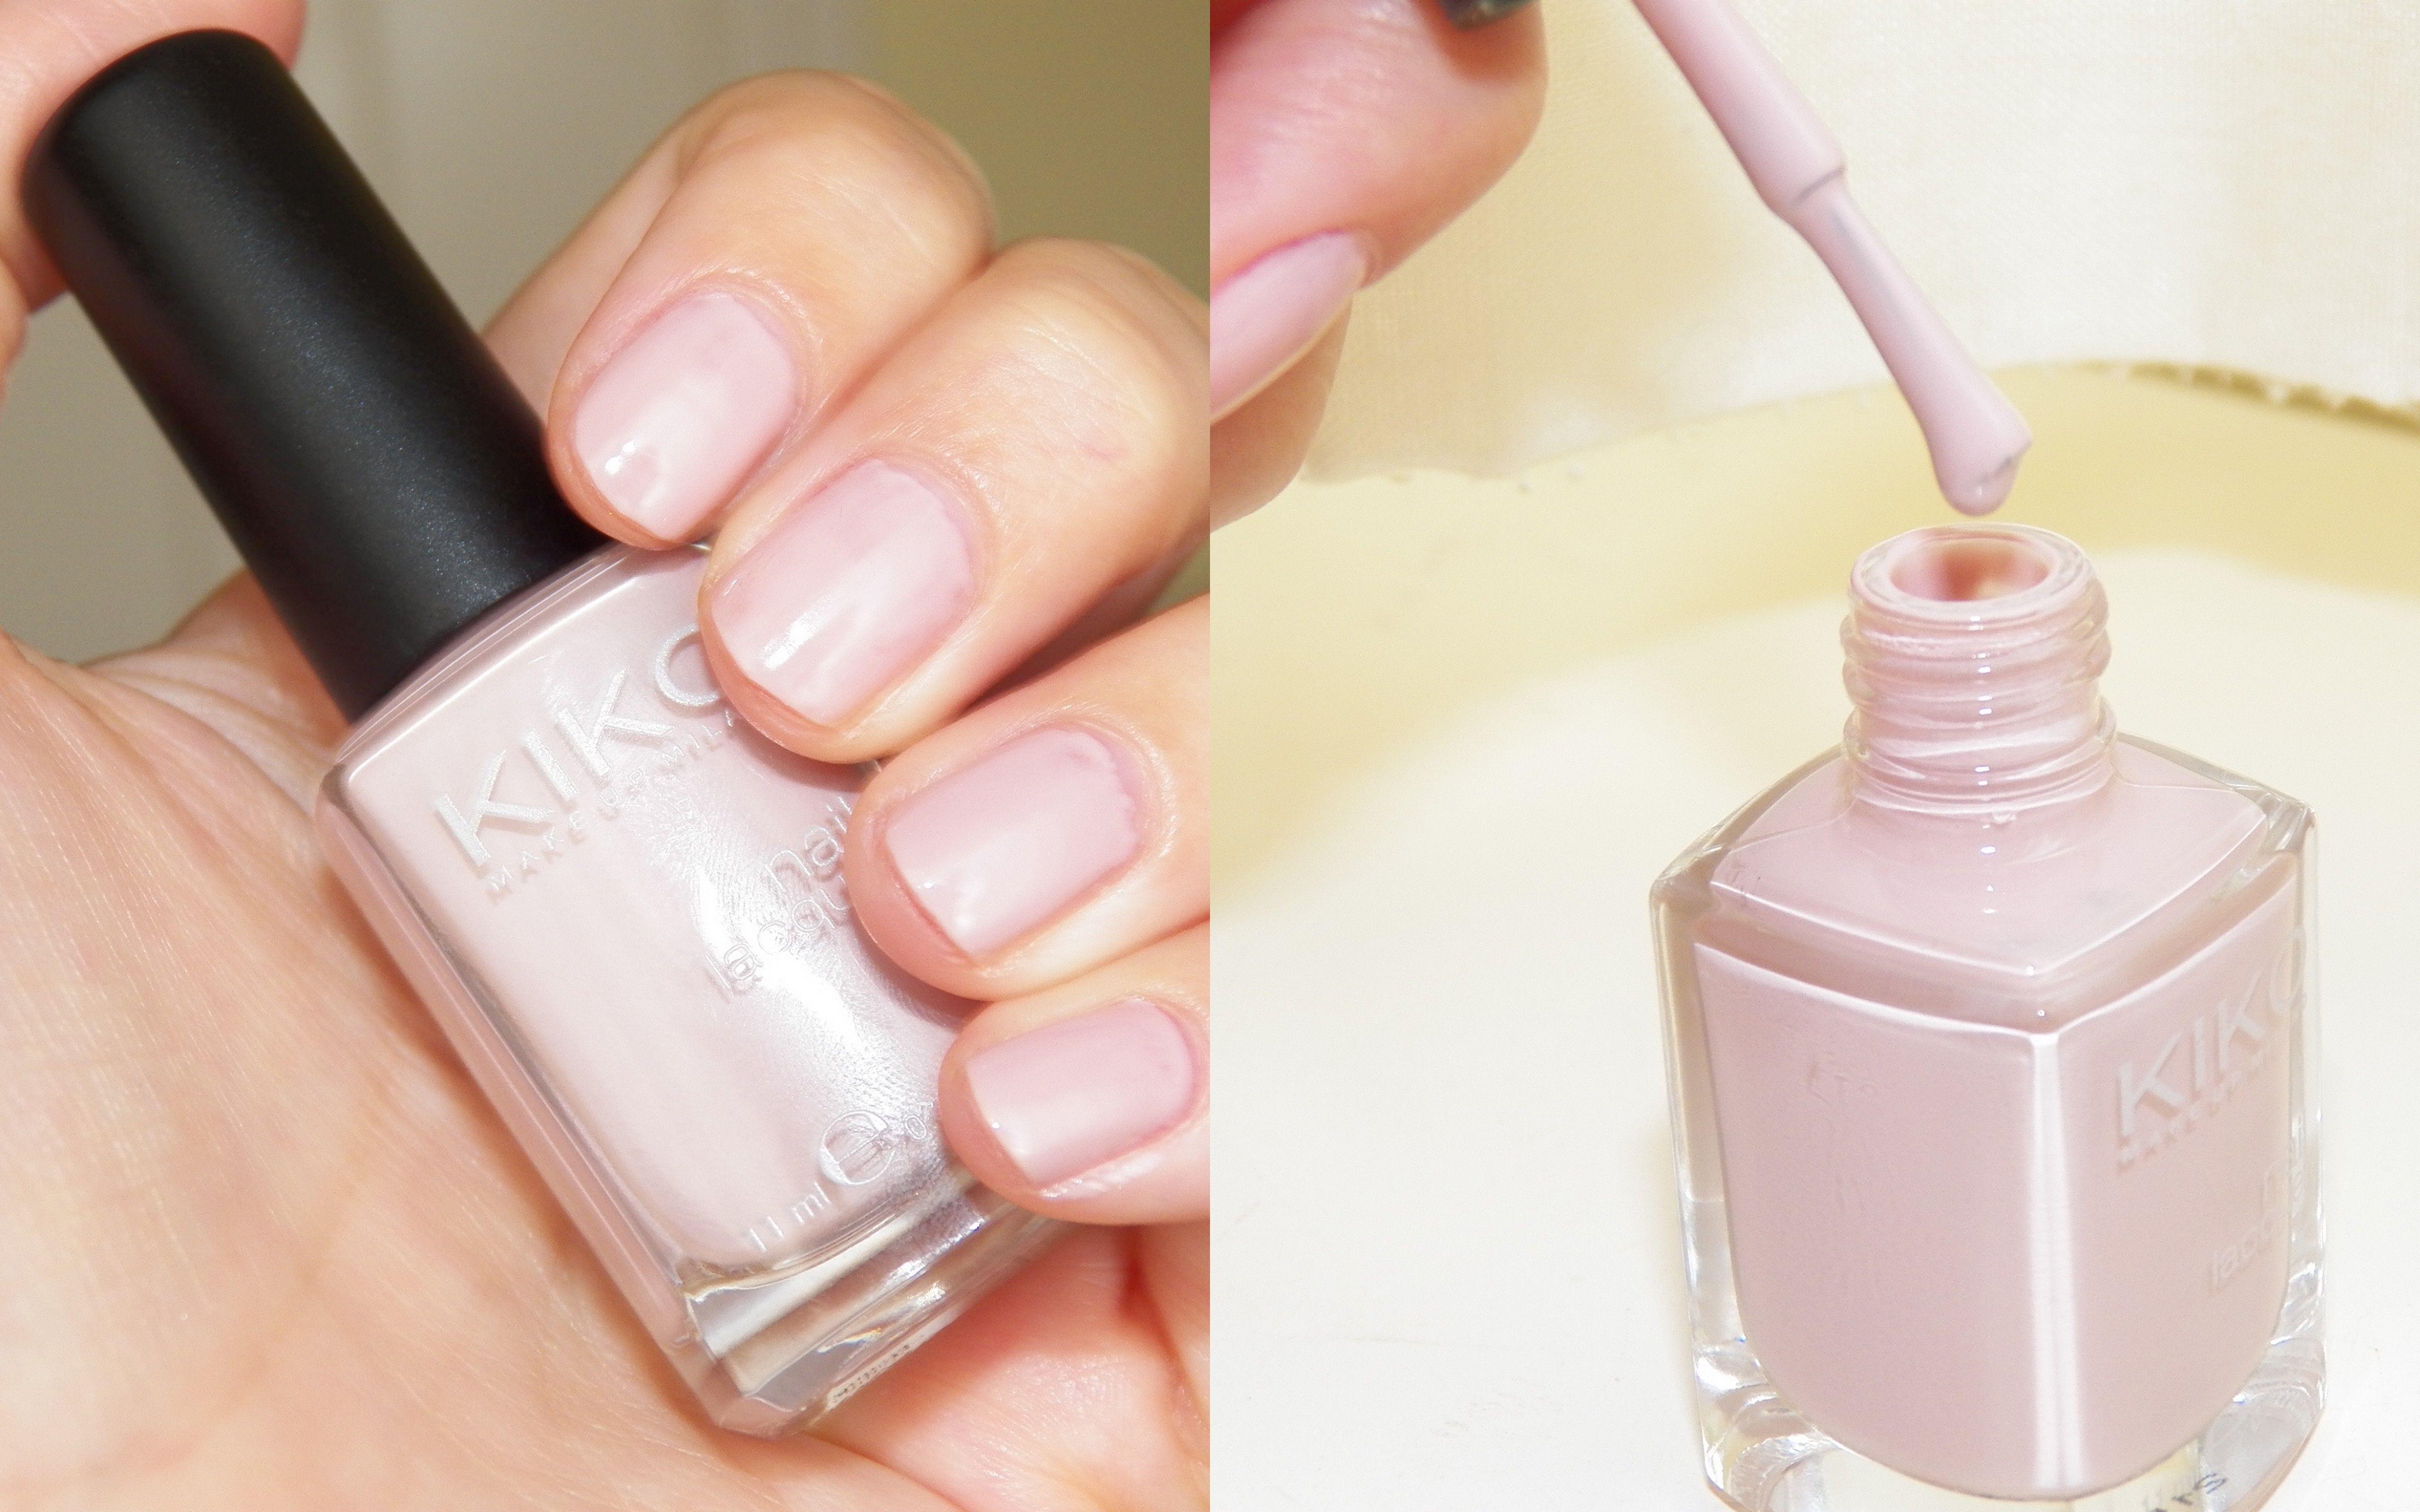 Kiko cosmetics - 372 Nude. My friend Raveena is studying fashion ...